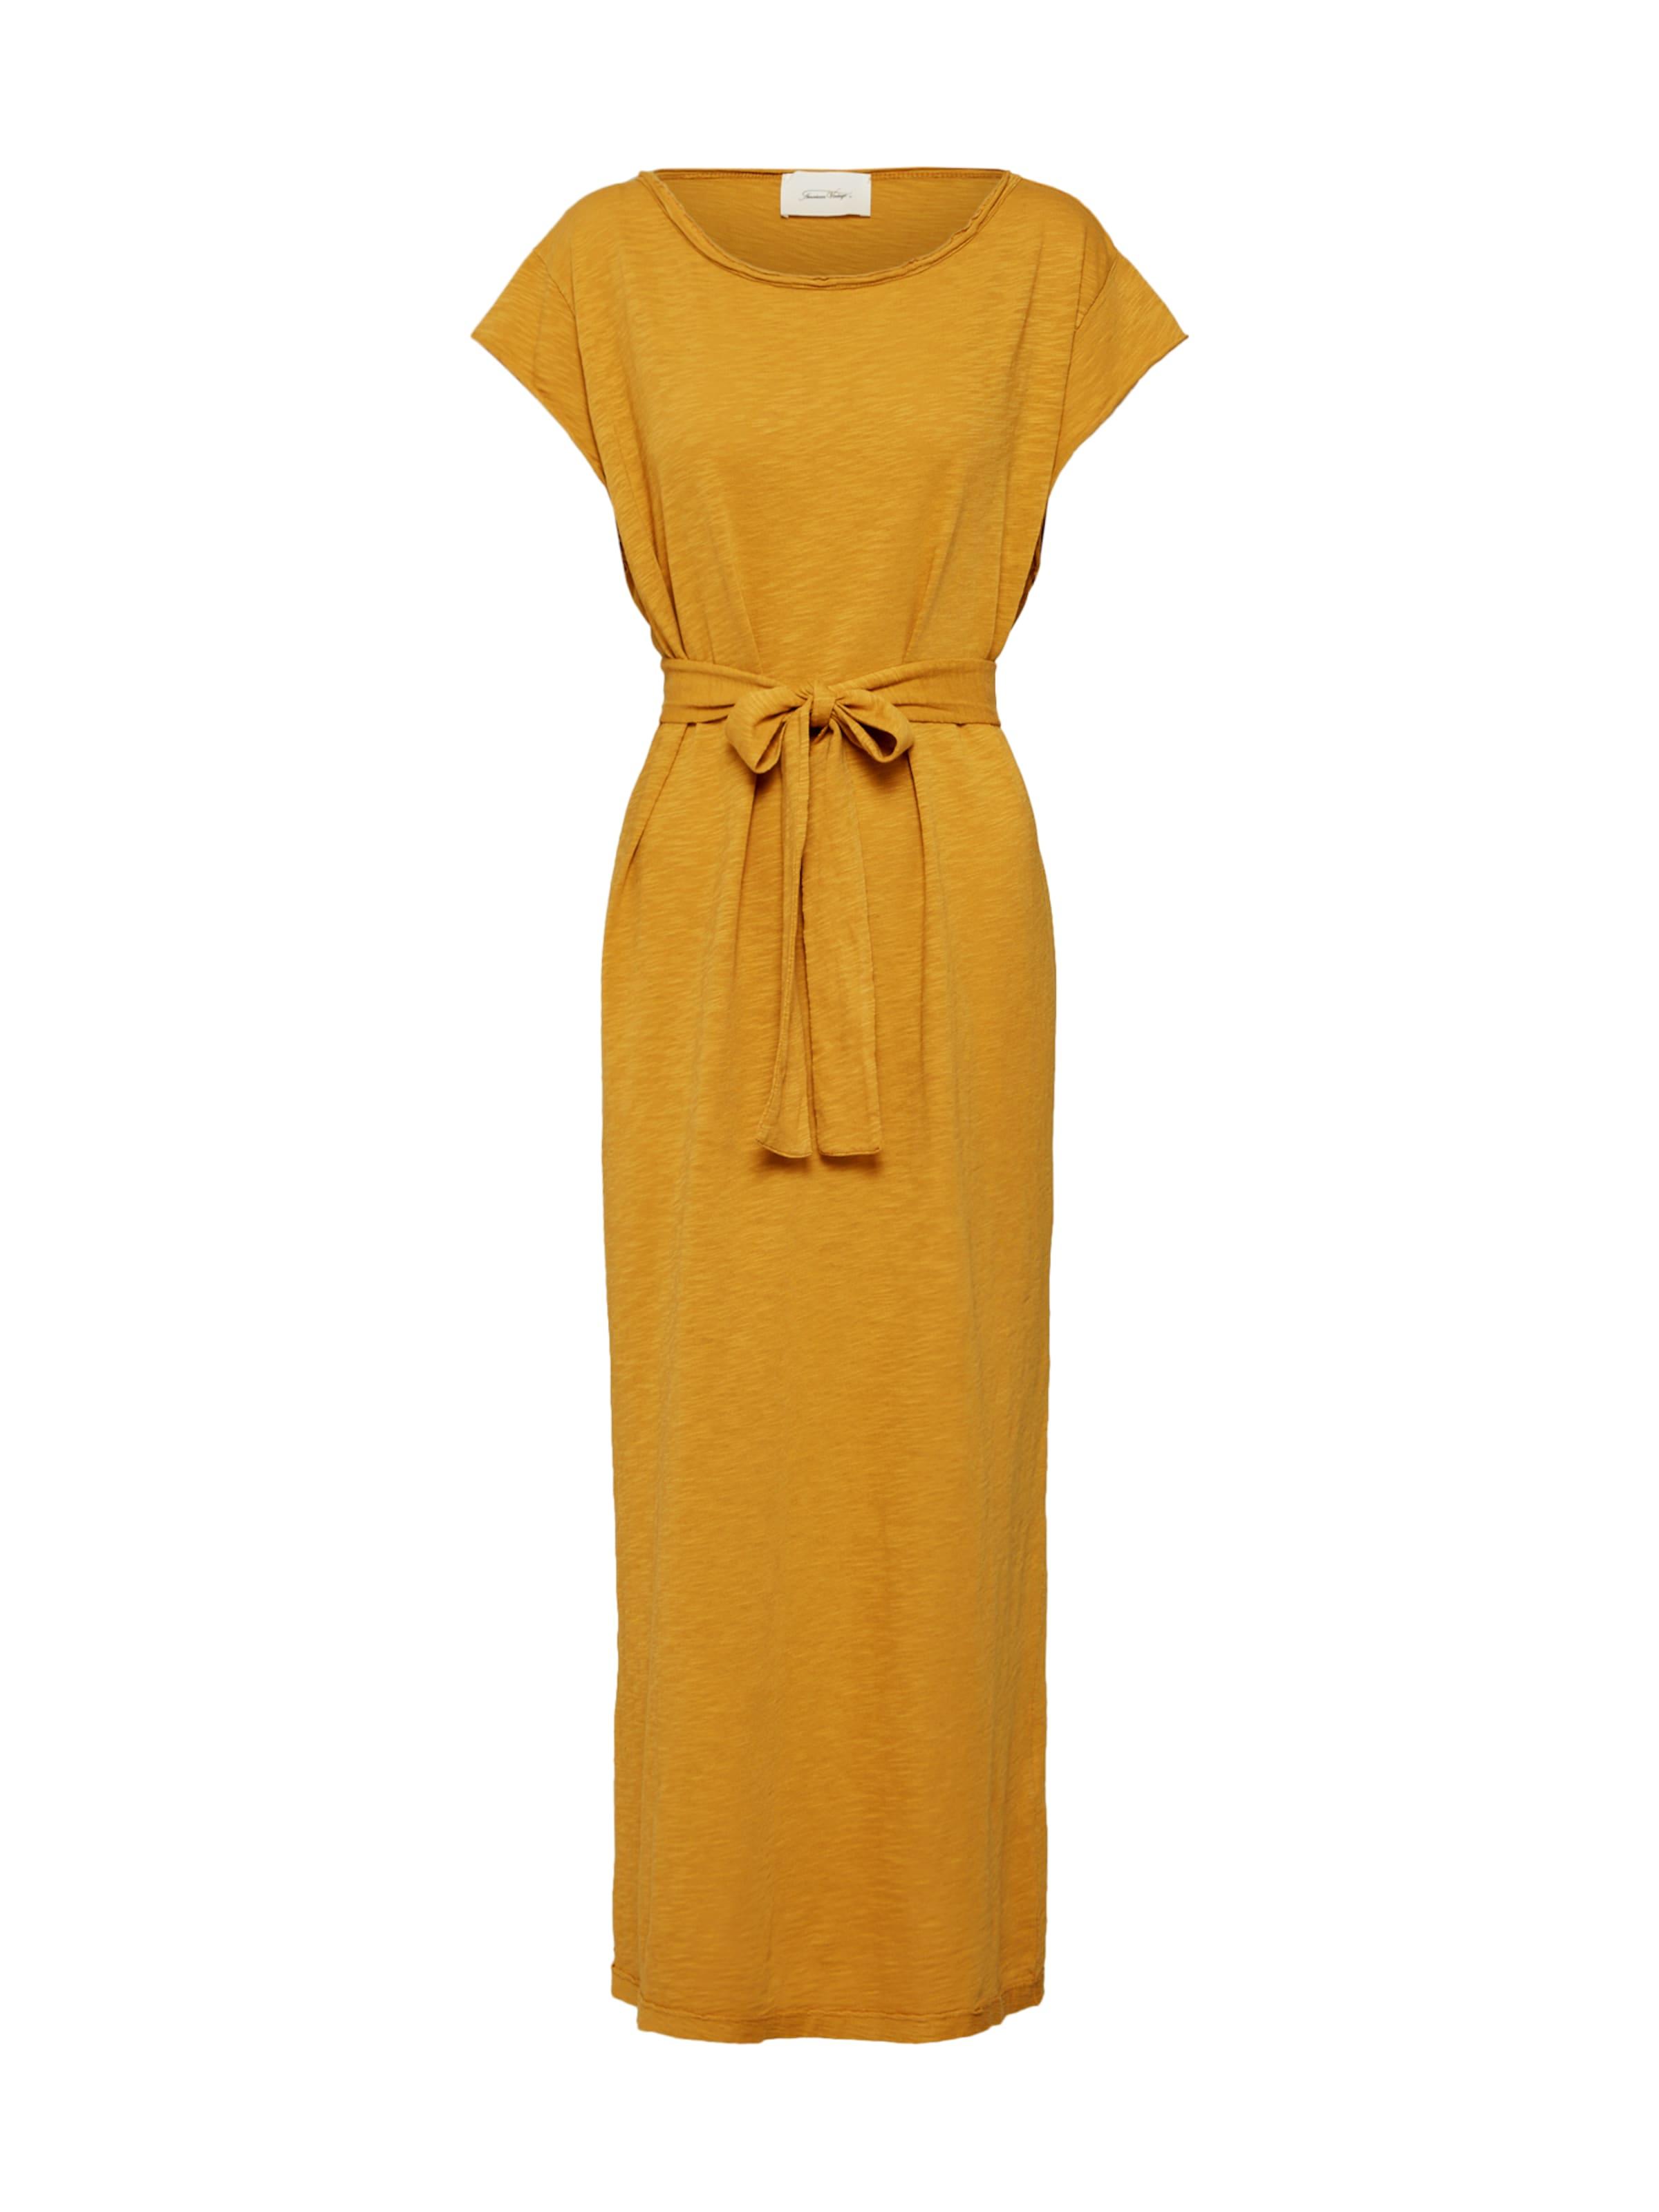 En Vintage Robe D'or American 'bysapick' Jaune OPiukXTZ